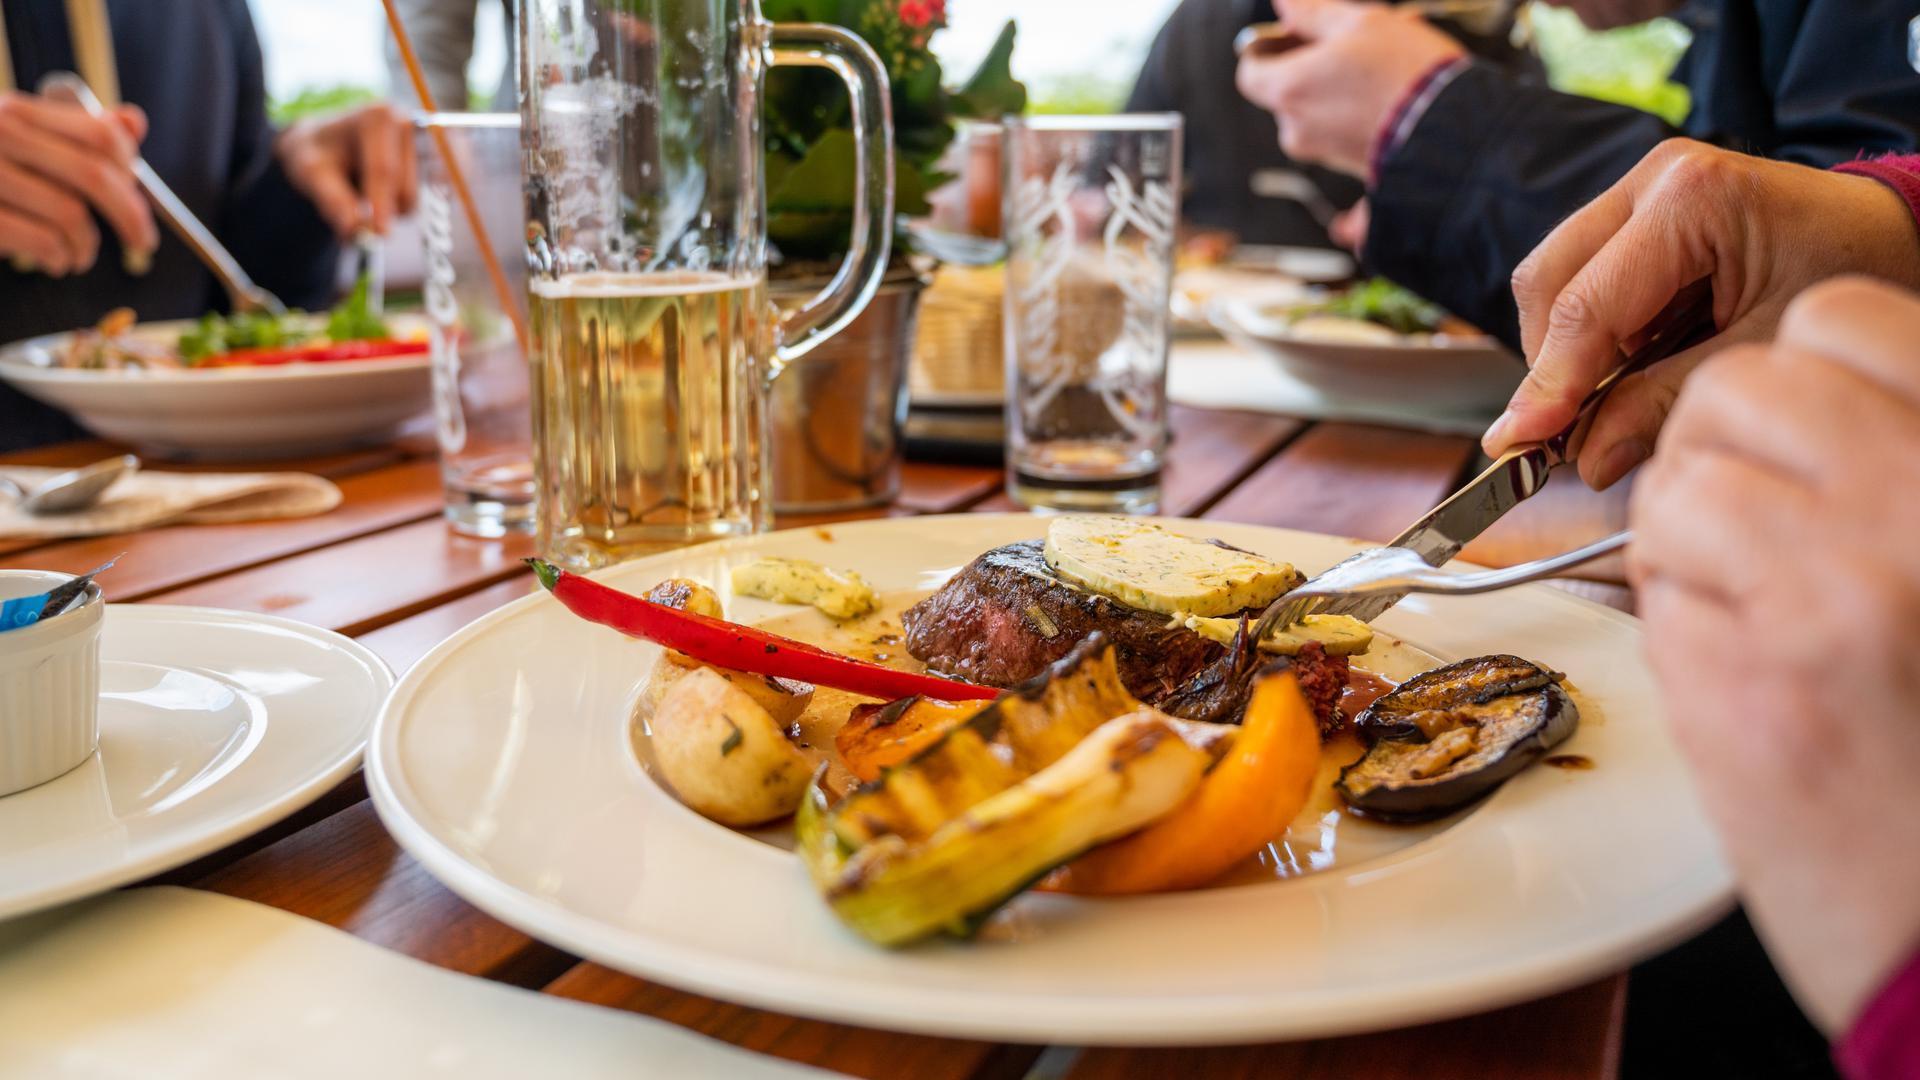 Gäste essen in einem Restaurant auf dem Pfingstberg. Seit dem 21. Mai gelten in weiten Teilen Brandenburgs verschiedene Lockerungsregelungen. Unter anderem darf die Außengastronomie unter bestimmten Auflagen wieder öffnen. +++ dpa-Bildfunk +++